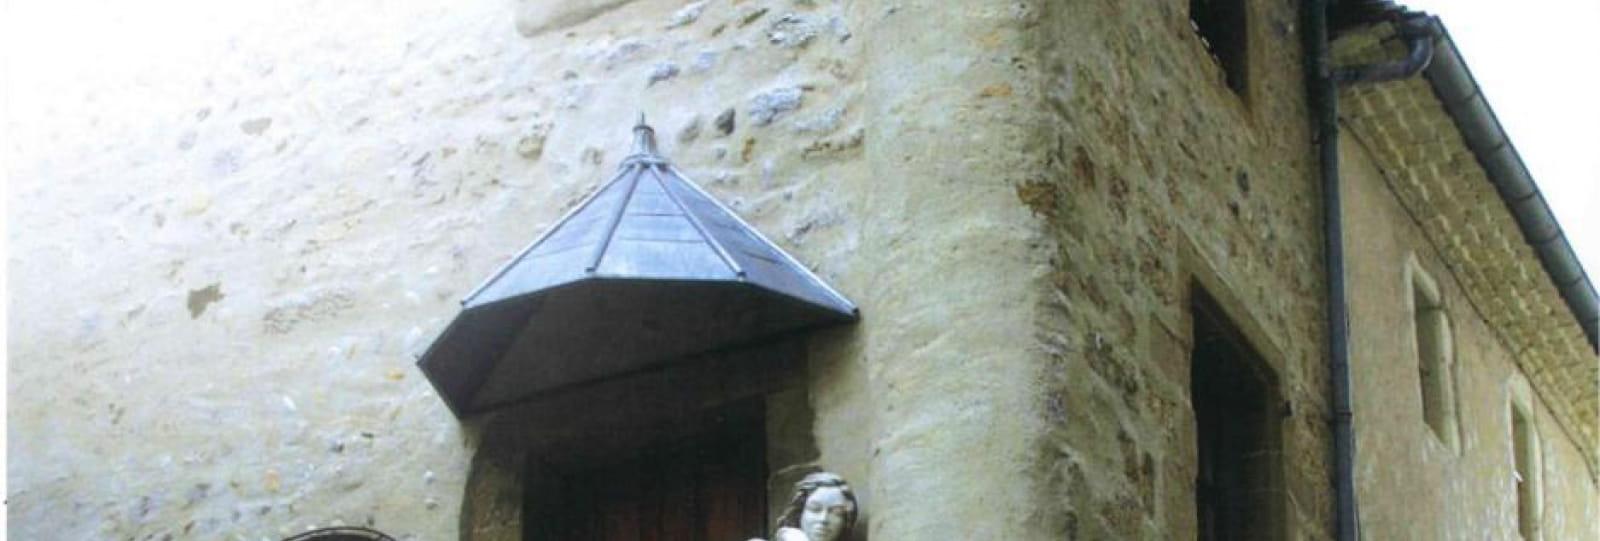 Maison de l'Oratoire, vitrine de Sculpturart